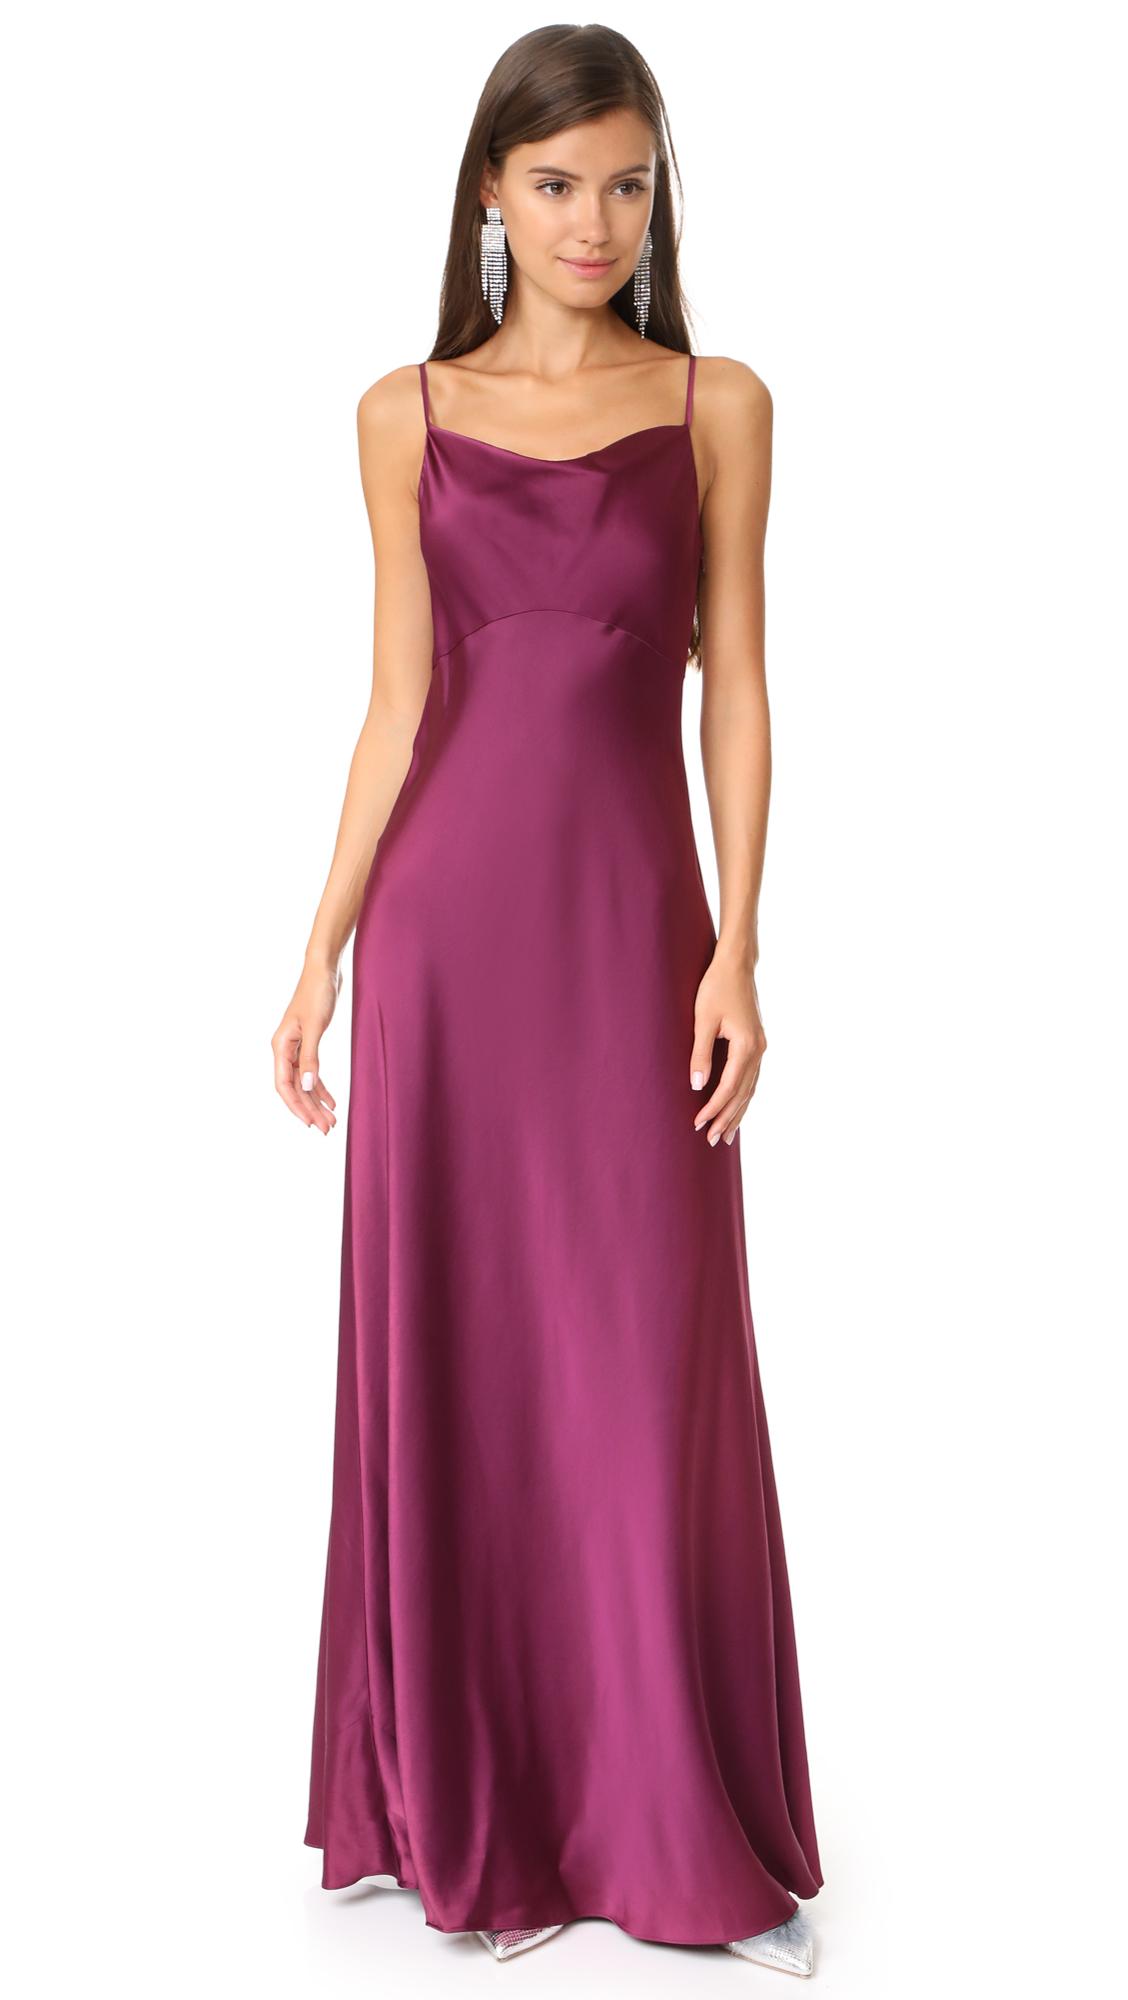 Diane von Furstenberg Sleeveless Cowl Neck Gown - Aubergine